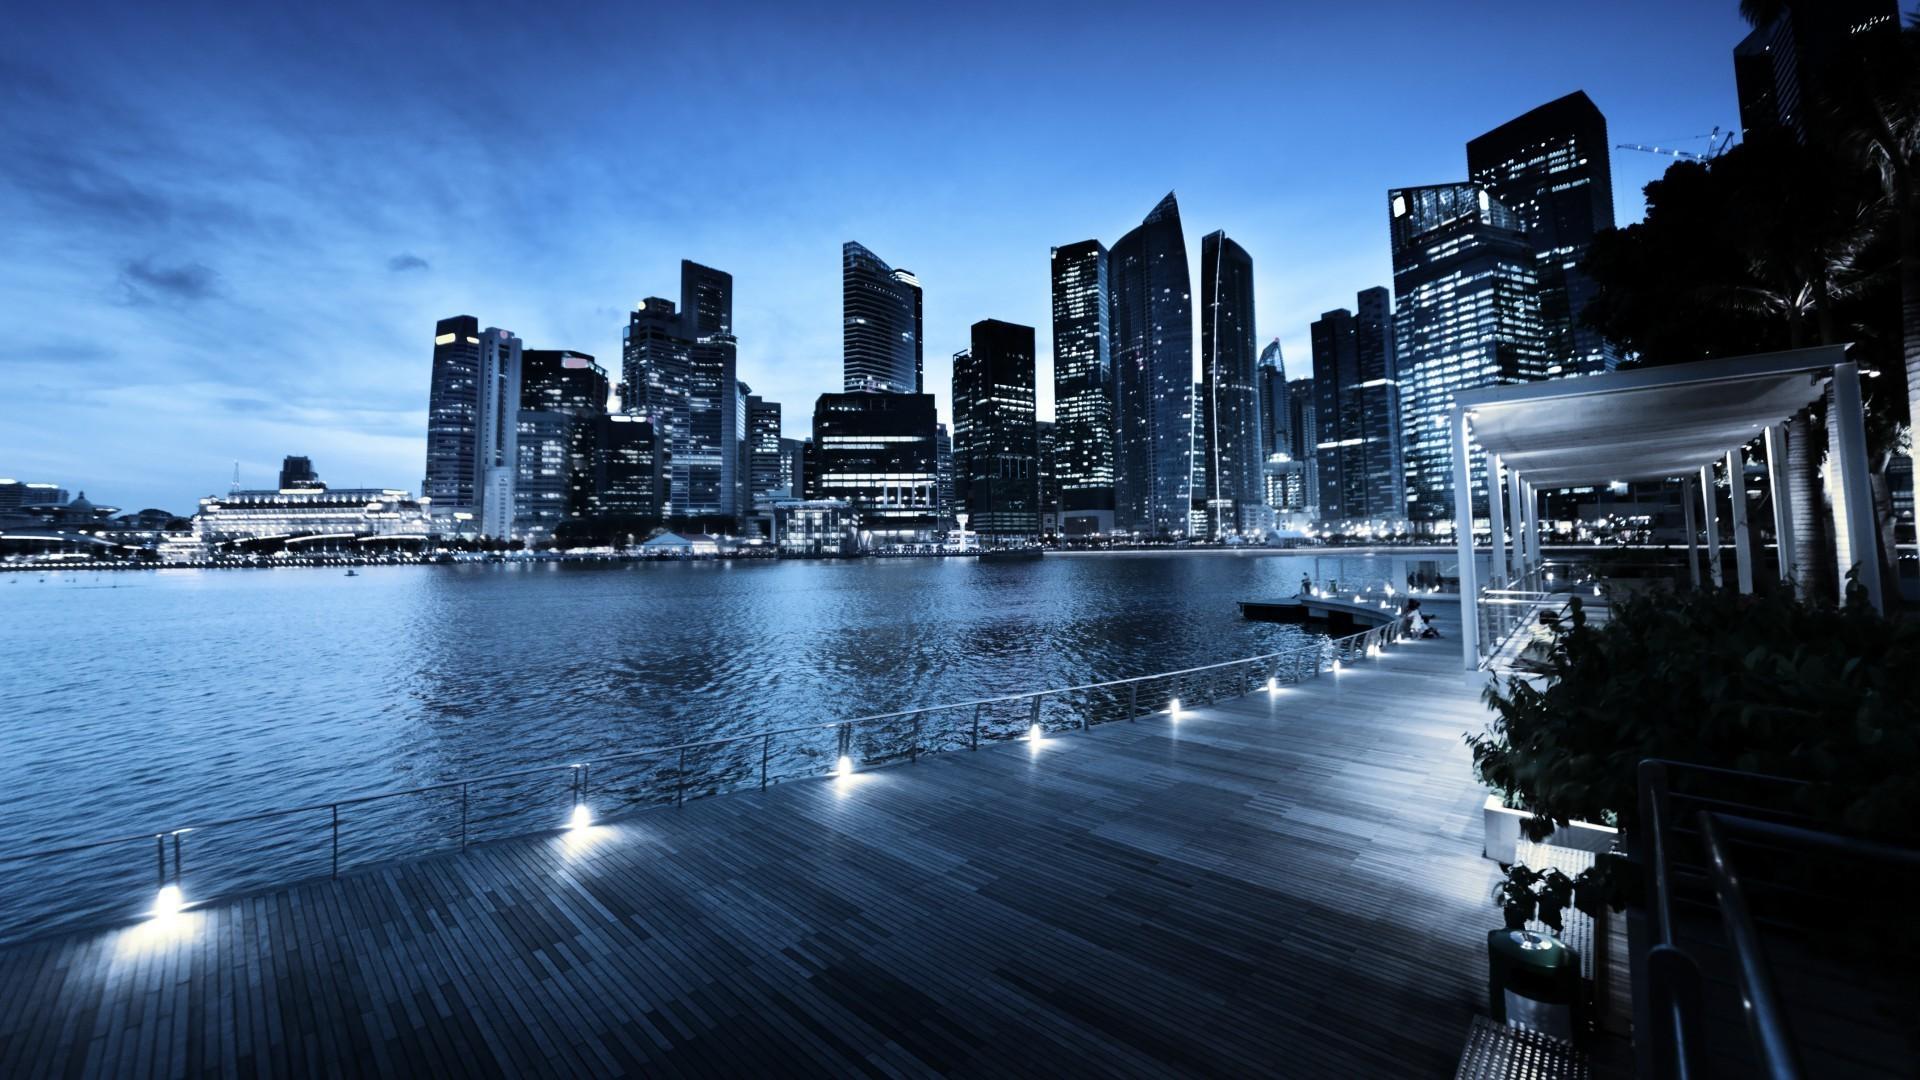 Ночной прибрежный город без смс